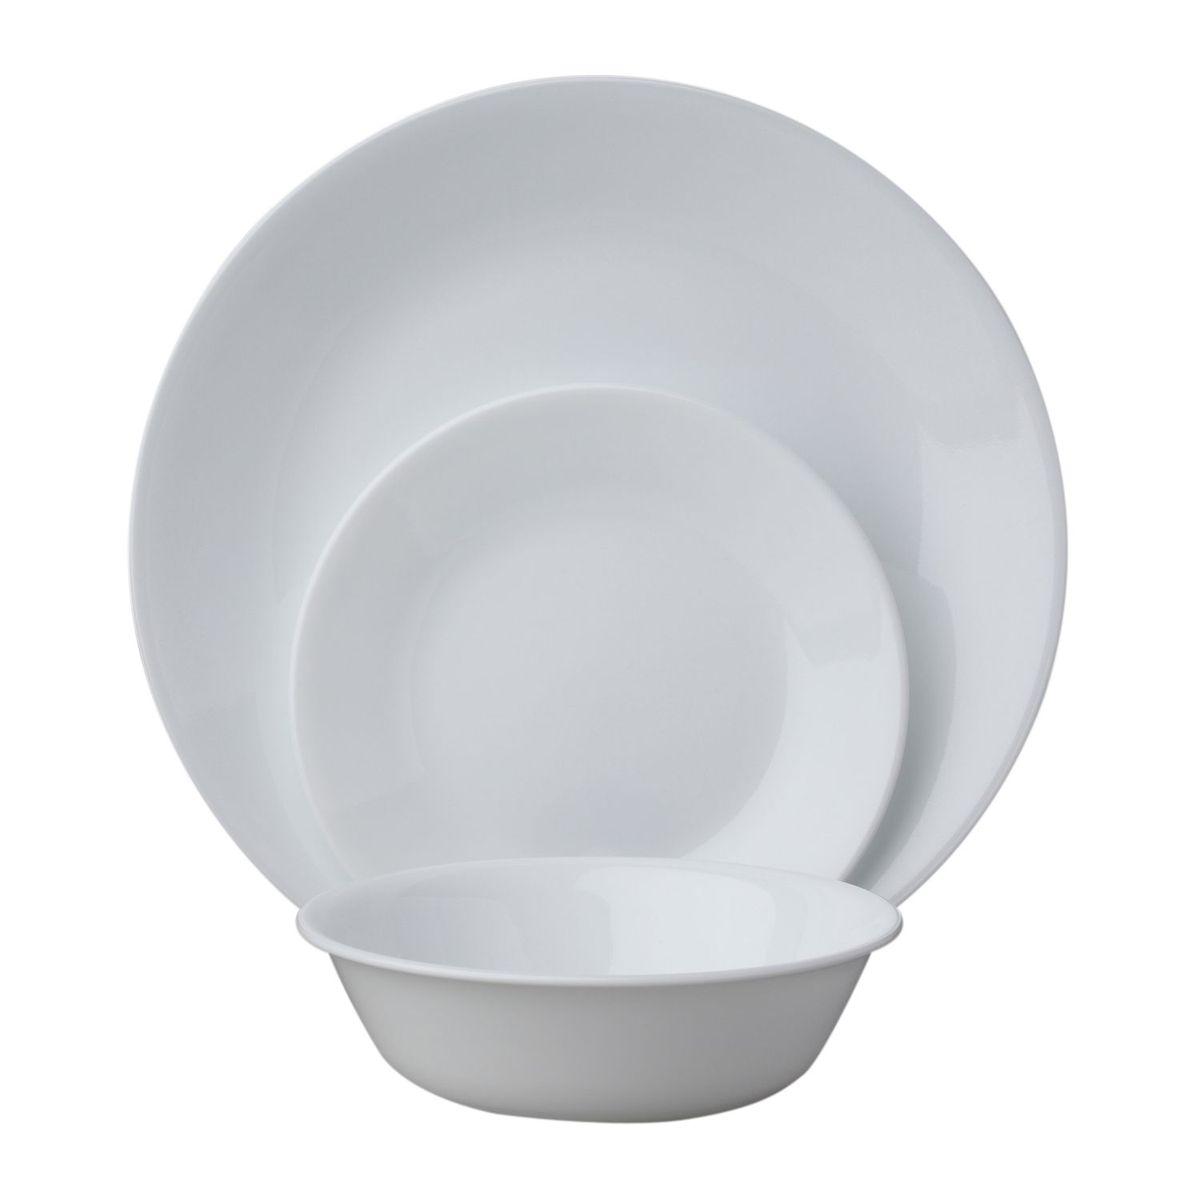 Набор посуды Winter Frost White 18пр, цвет: белый1088609Преимуществами посуды Corelle являются долговечность, красота и безопасность в использовании. Вся посуда Corelle изготавливается из высококачественного ударопрочного трехслойного стекла Vitrelle и украшена деколями американских и европейских дизайнеров. Рисунки не стираются и не царапаются, не теряют свою яркость на протяжении многих лет. Посуда Corelle не впитывает запахов и очень долгое время выглядит как новая. Уникальная эмаль, используемая во время декорирования, фактически становится единым целым с поверхностью стекла, что гарантирует долгое сохранение нанесенного рисунка. Еще одним из главных преимуществ посуды Corelle является ее безопасность. В производстве используются только безопасные для пищи пигменты эмали, при производстве посуды не применяется вредный для здоровья человека меламин. Изделия из материала Vitrelle:...